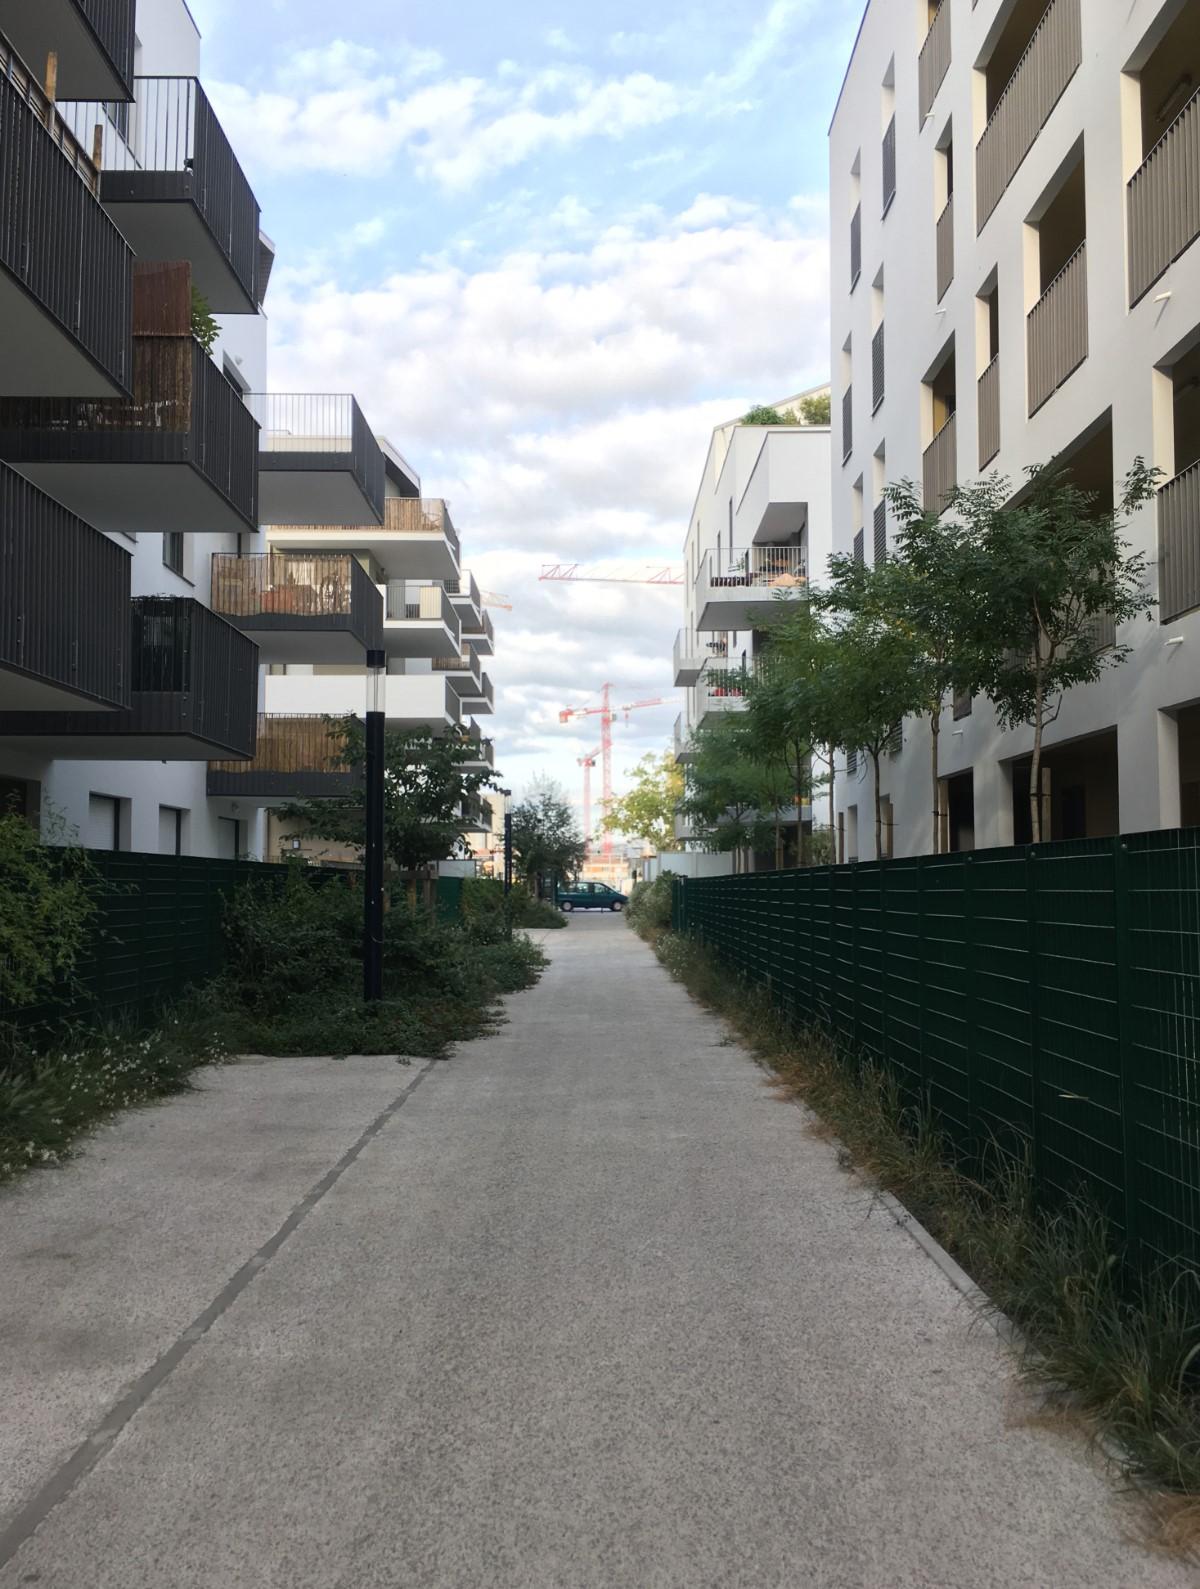 La tranquilité dans les ruelles d'une ville vivante - Jonathan Denoiseux